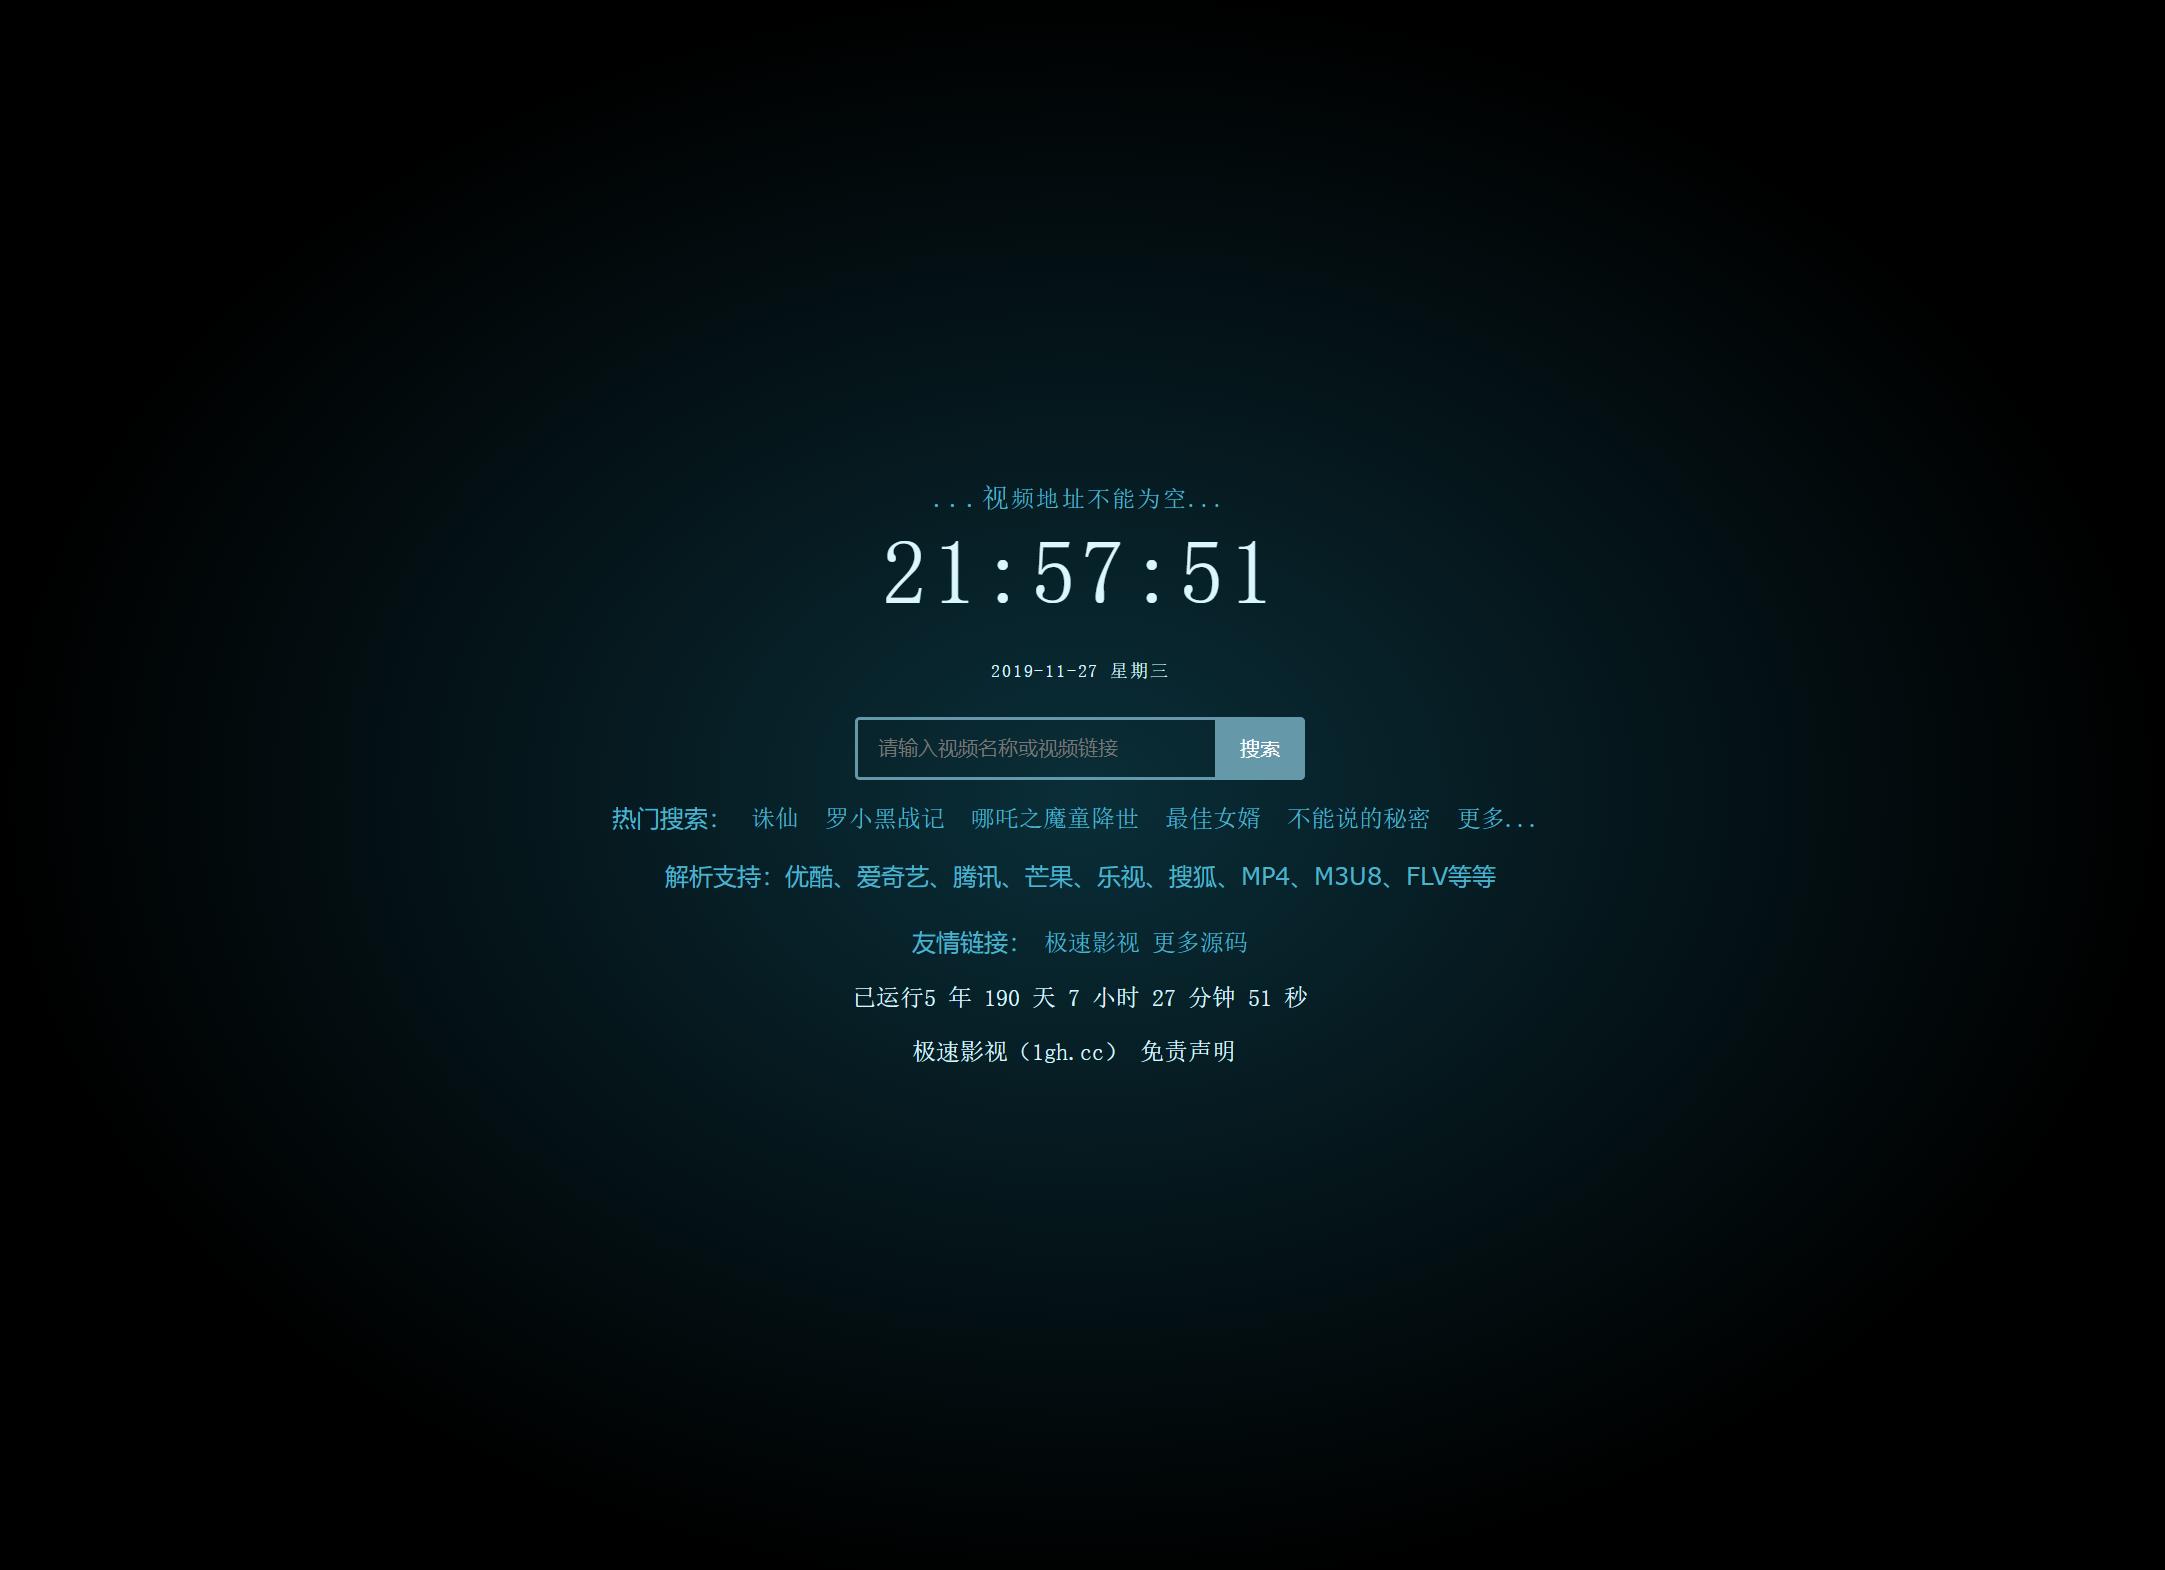 XyplayerX3.91 影视解析源码+解析接口+安装步骤